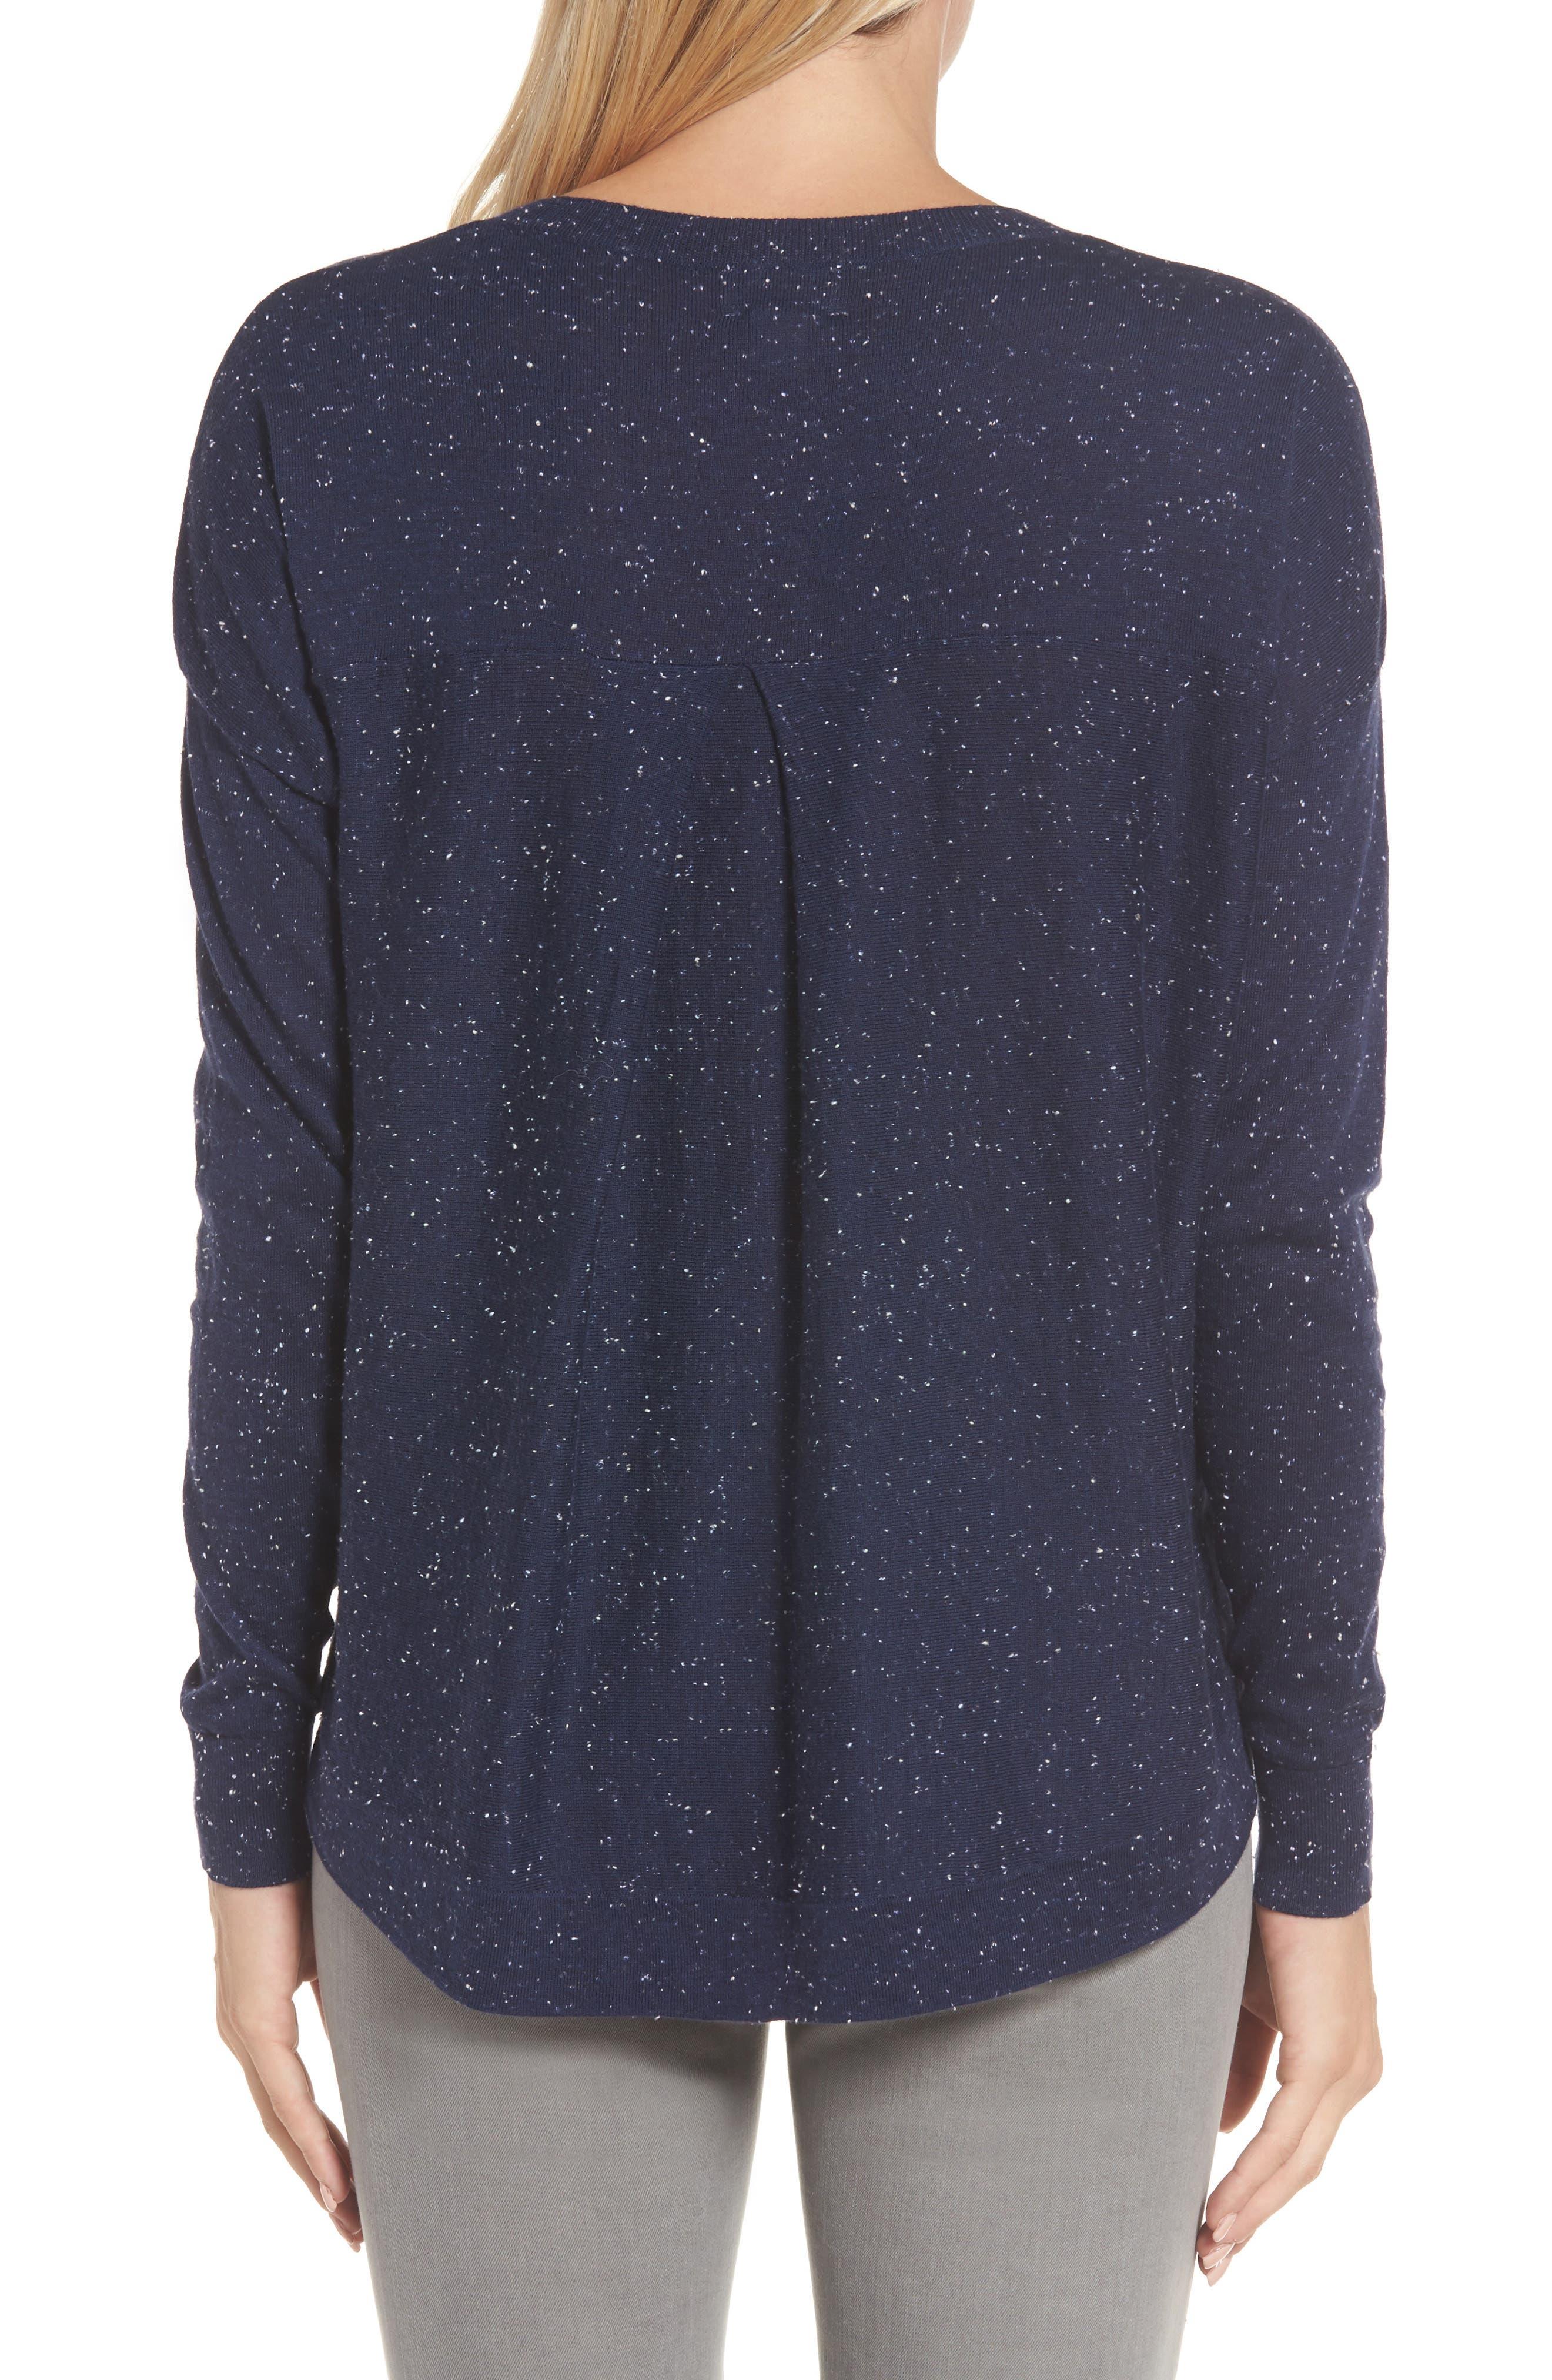 Alternate Image 2  - Caslon® Pleat Back High/Low Crewneck Sweater (Regular & Petite)